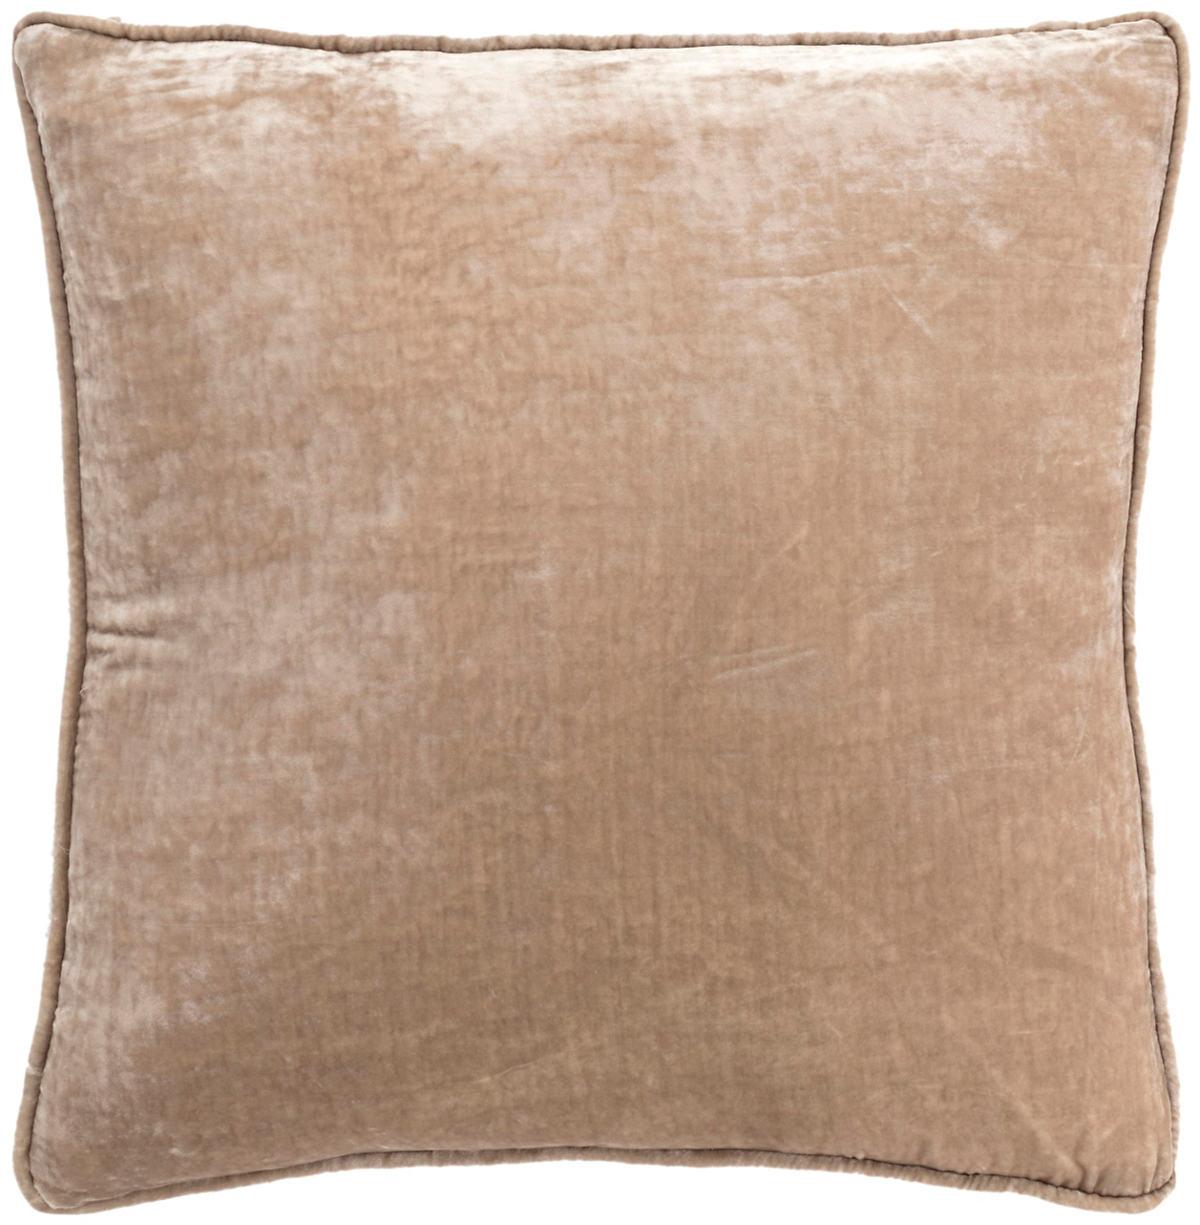 Pebble Shimmer Velvet Decorative Pillow